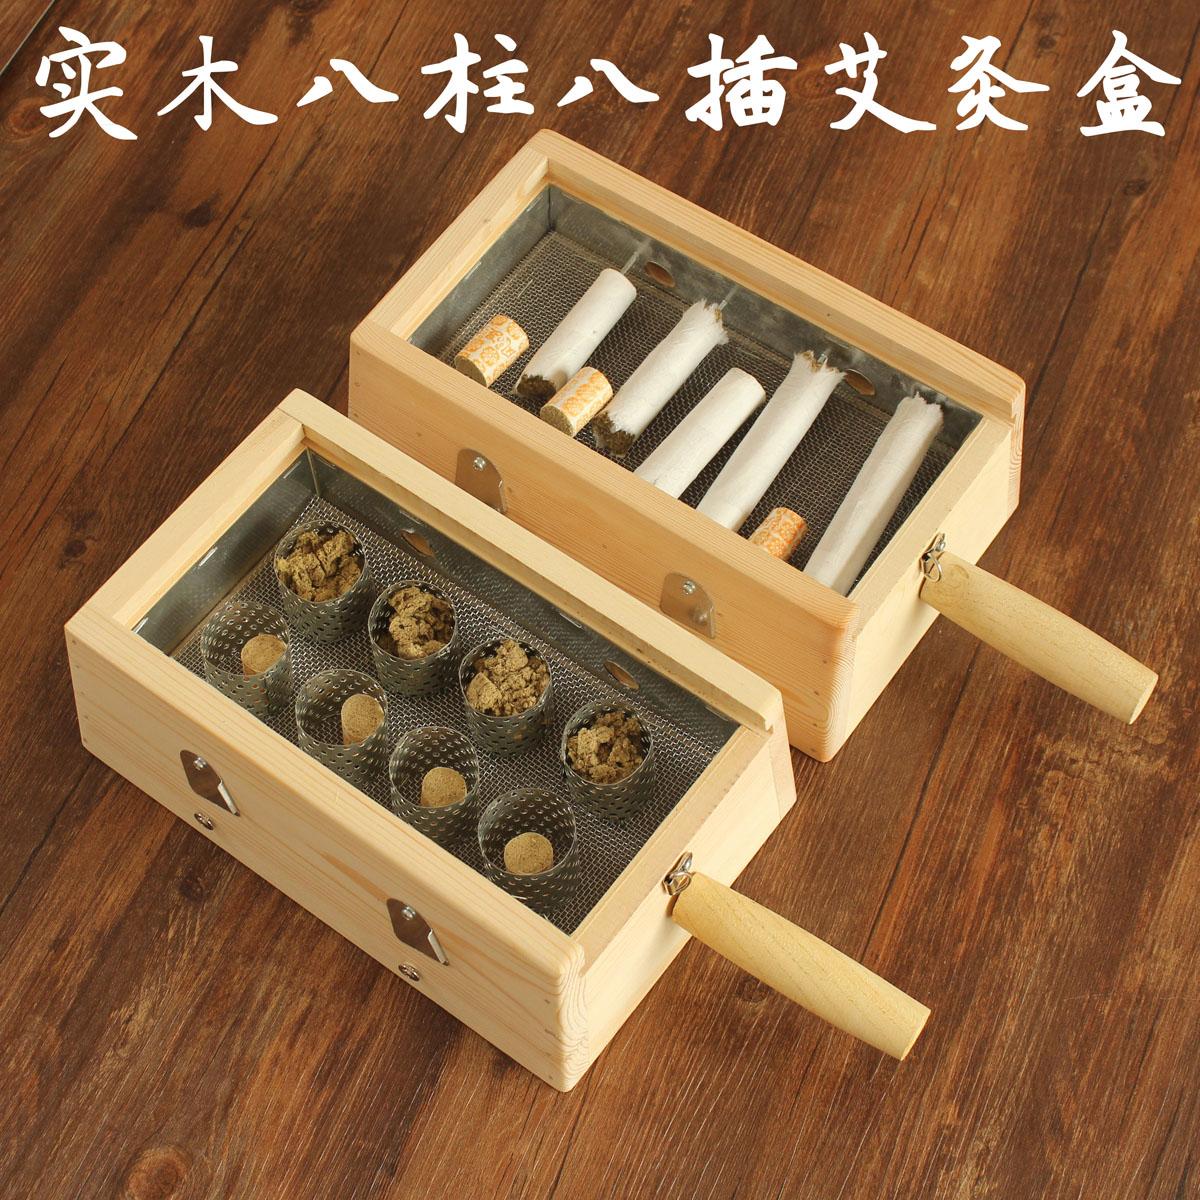 木制艾灸盒随身灸实木8八孔温灸仪器具艾熏罐腰腹背部家用木质